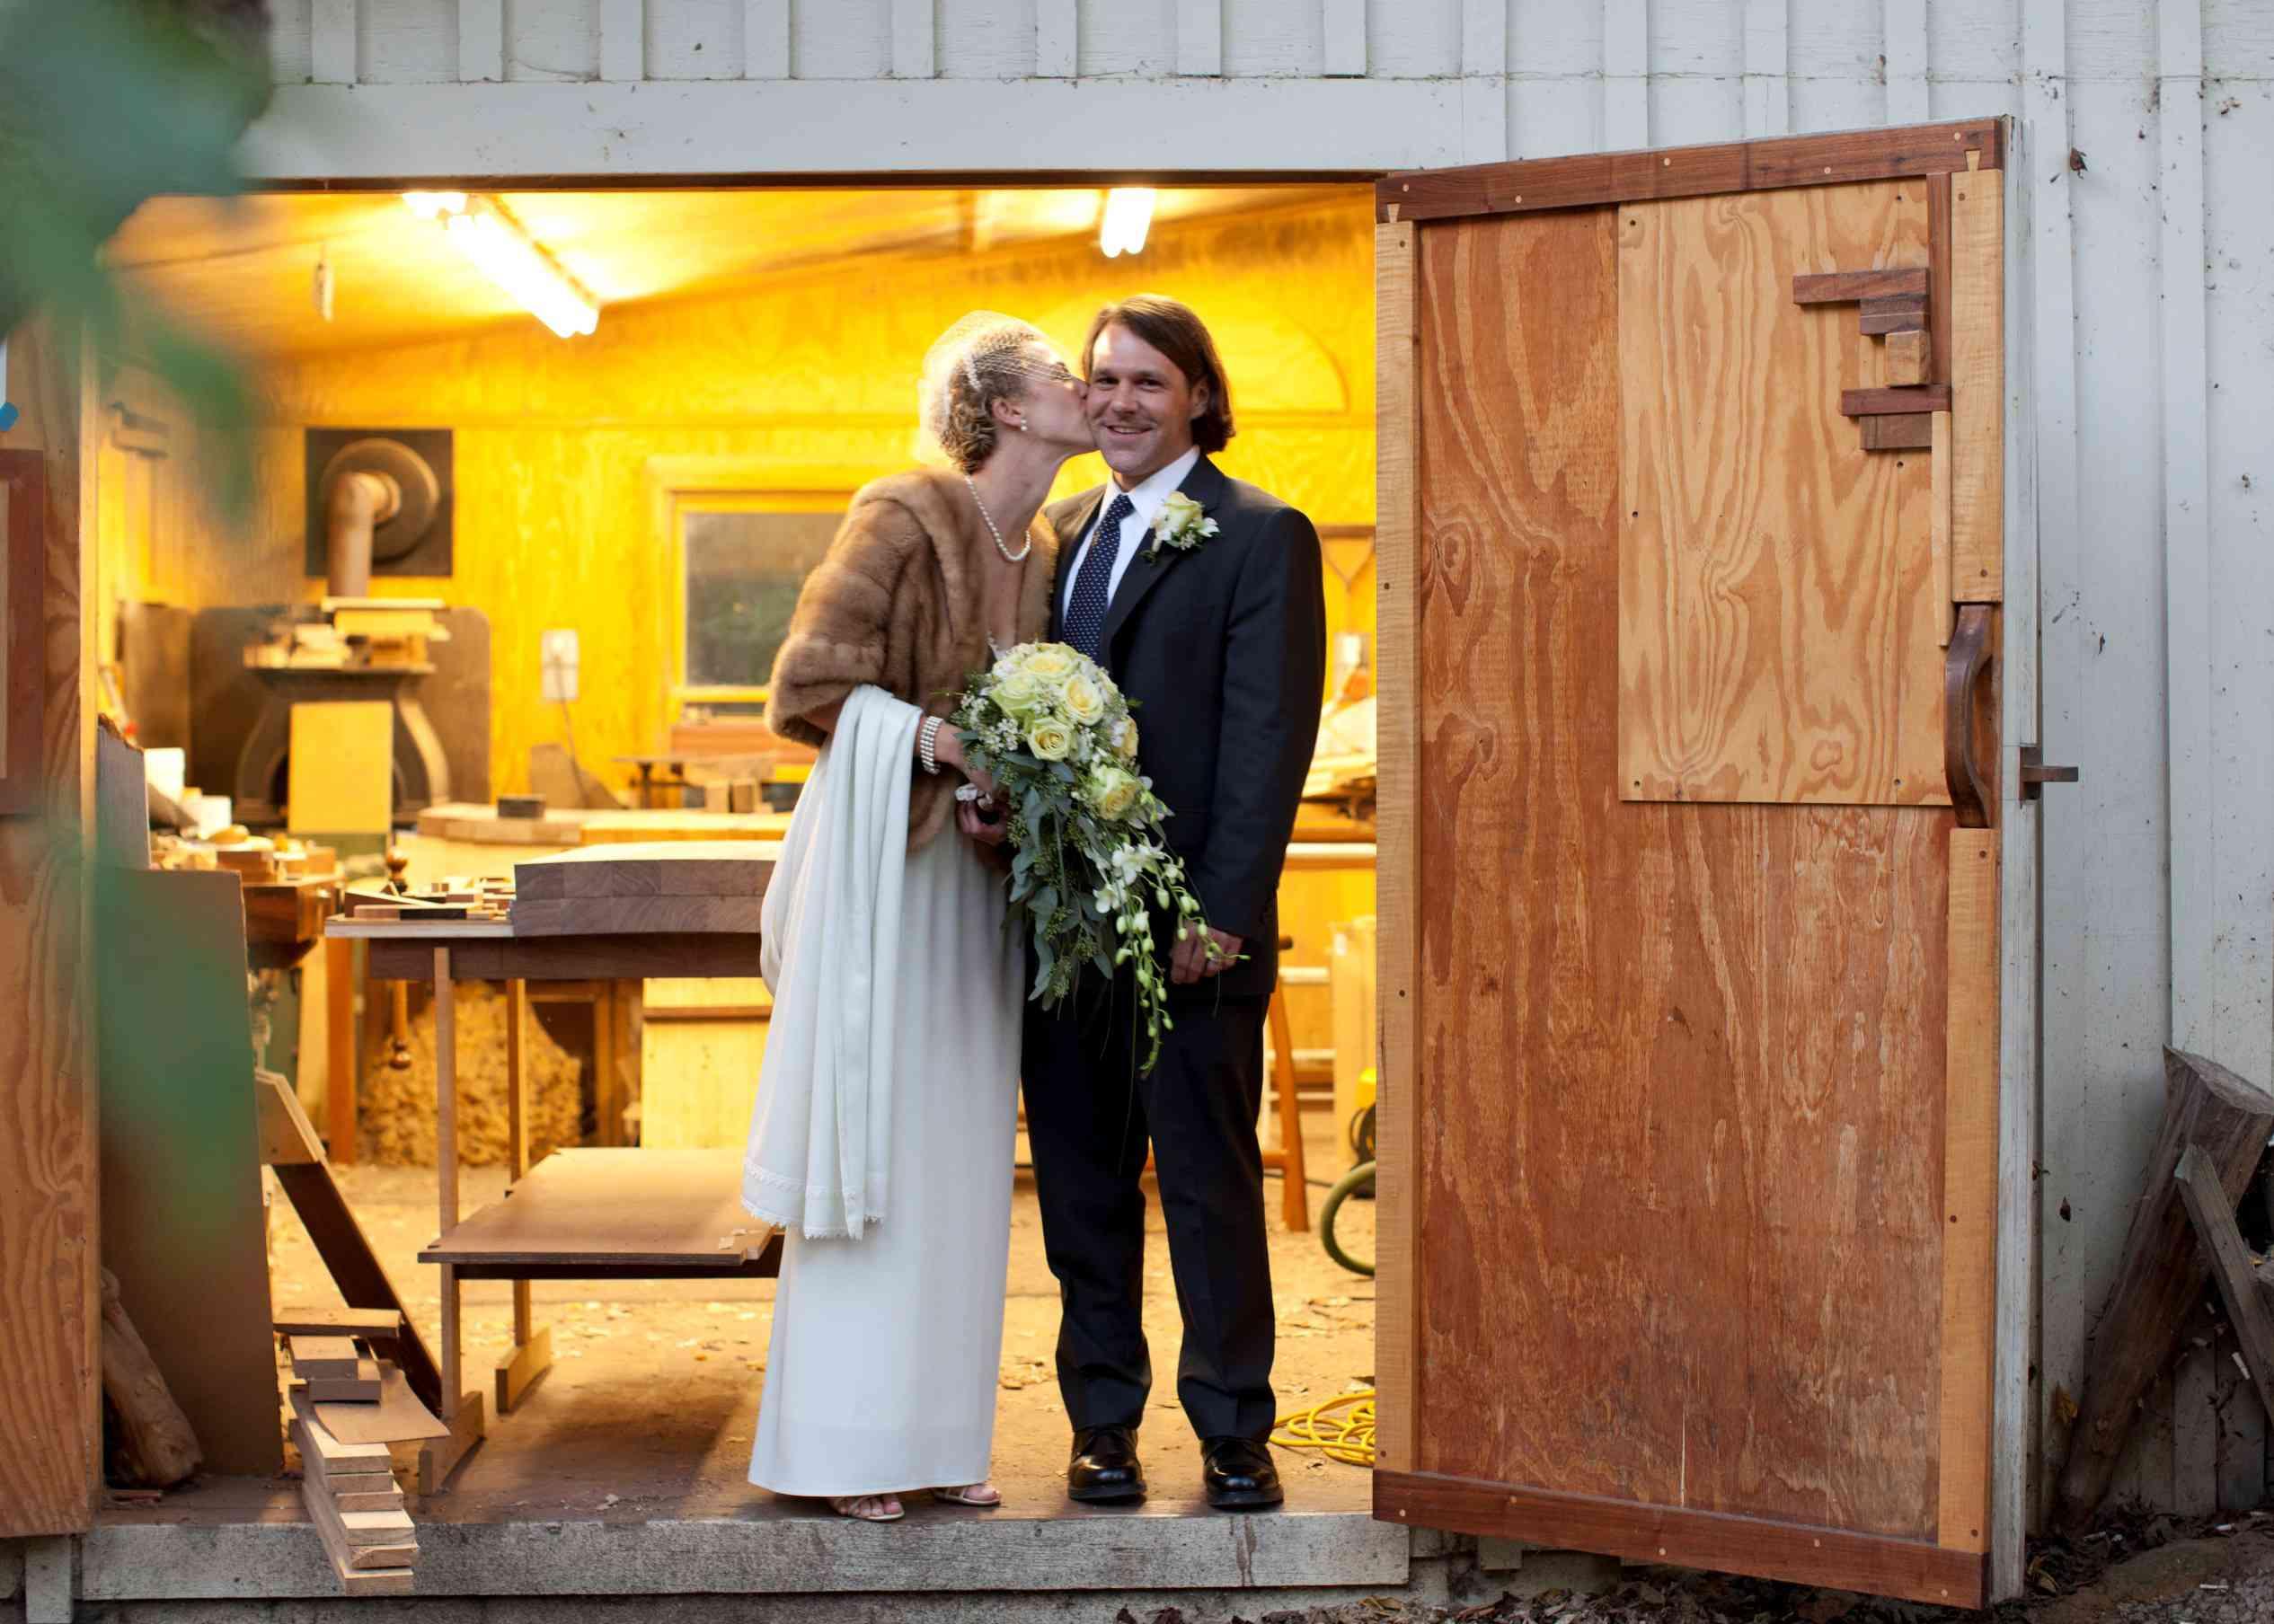 Katie and Joseph's wedding, standing in the doorway of their workshop